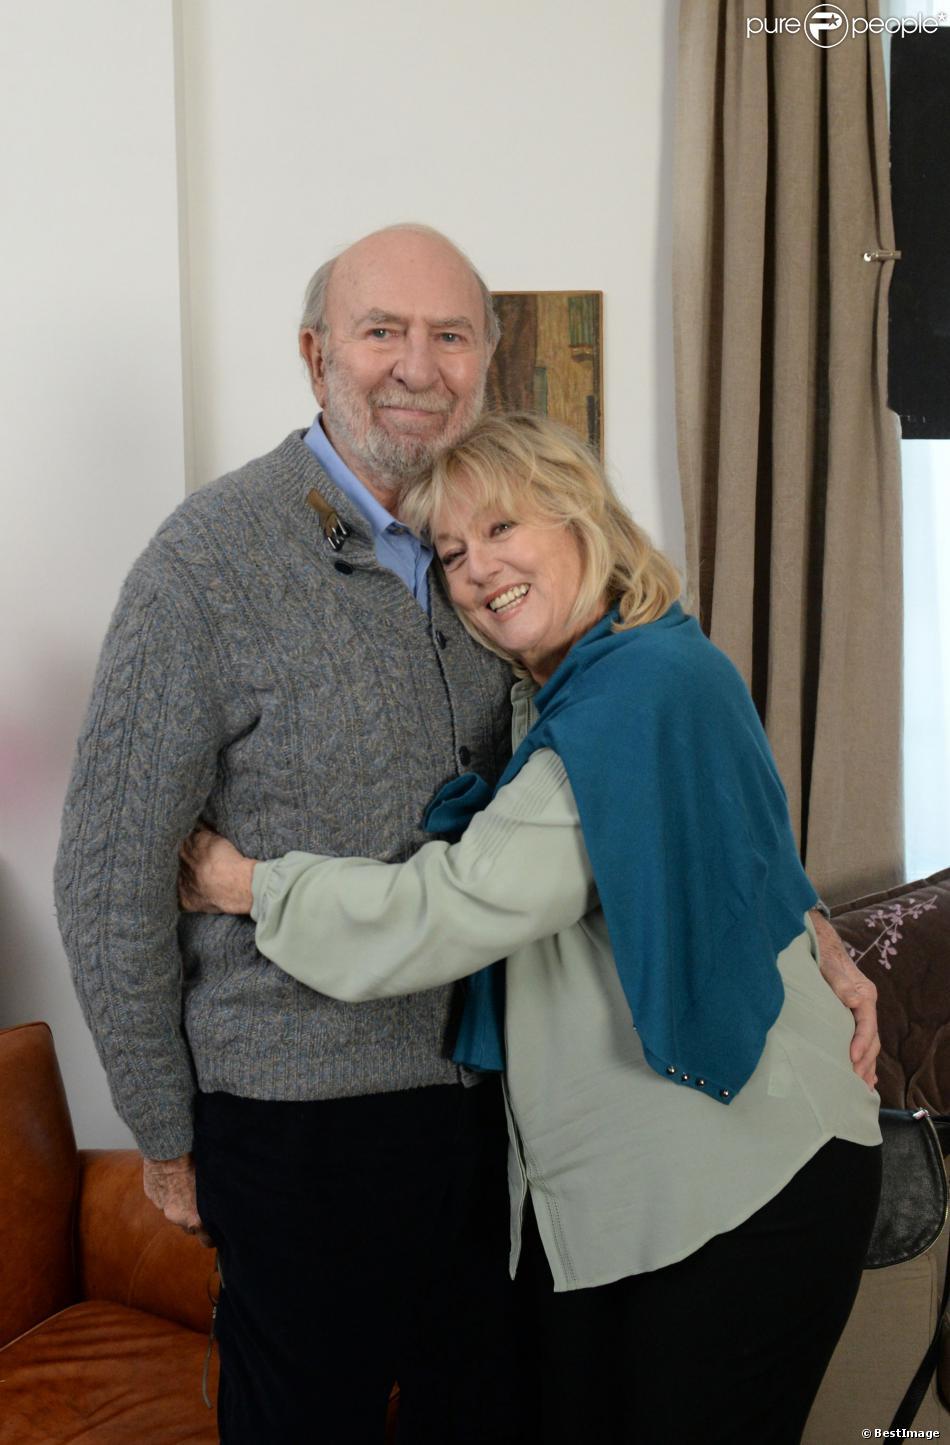 """Exclusif - Jean-Pierre Marielle et Mylène Demongeot sur le tournage du téléfilm """"Des roses en hiver"""" pour France 2, à Paris le 16 décembre 2013"""